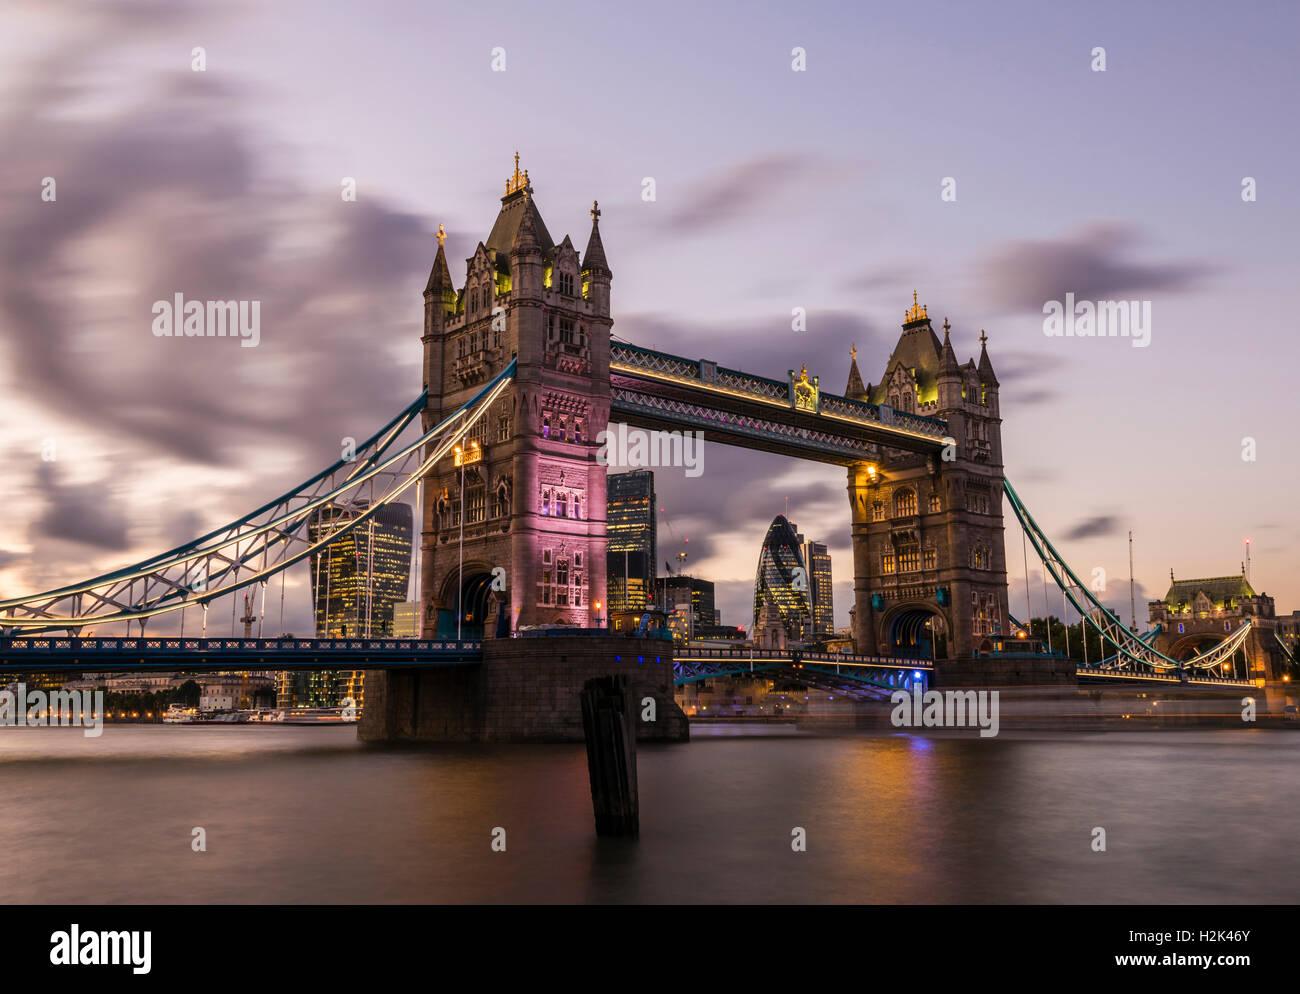 Lumières et bateaux capturés au coucher du soleil autour de Tower Bridge, London, UK Photo Stock